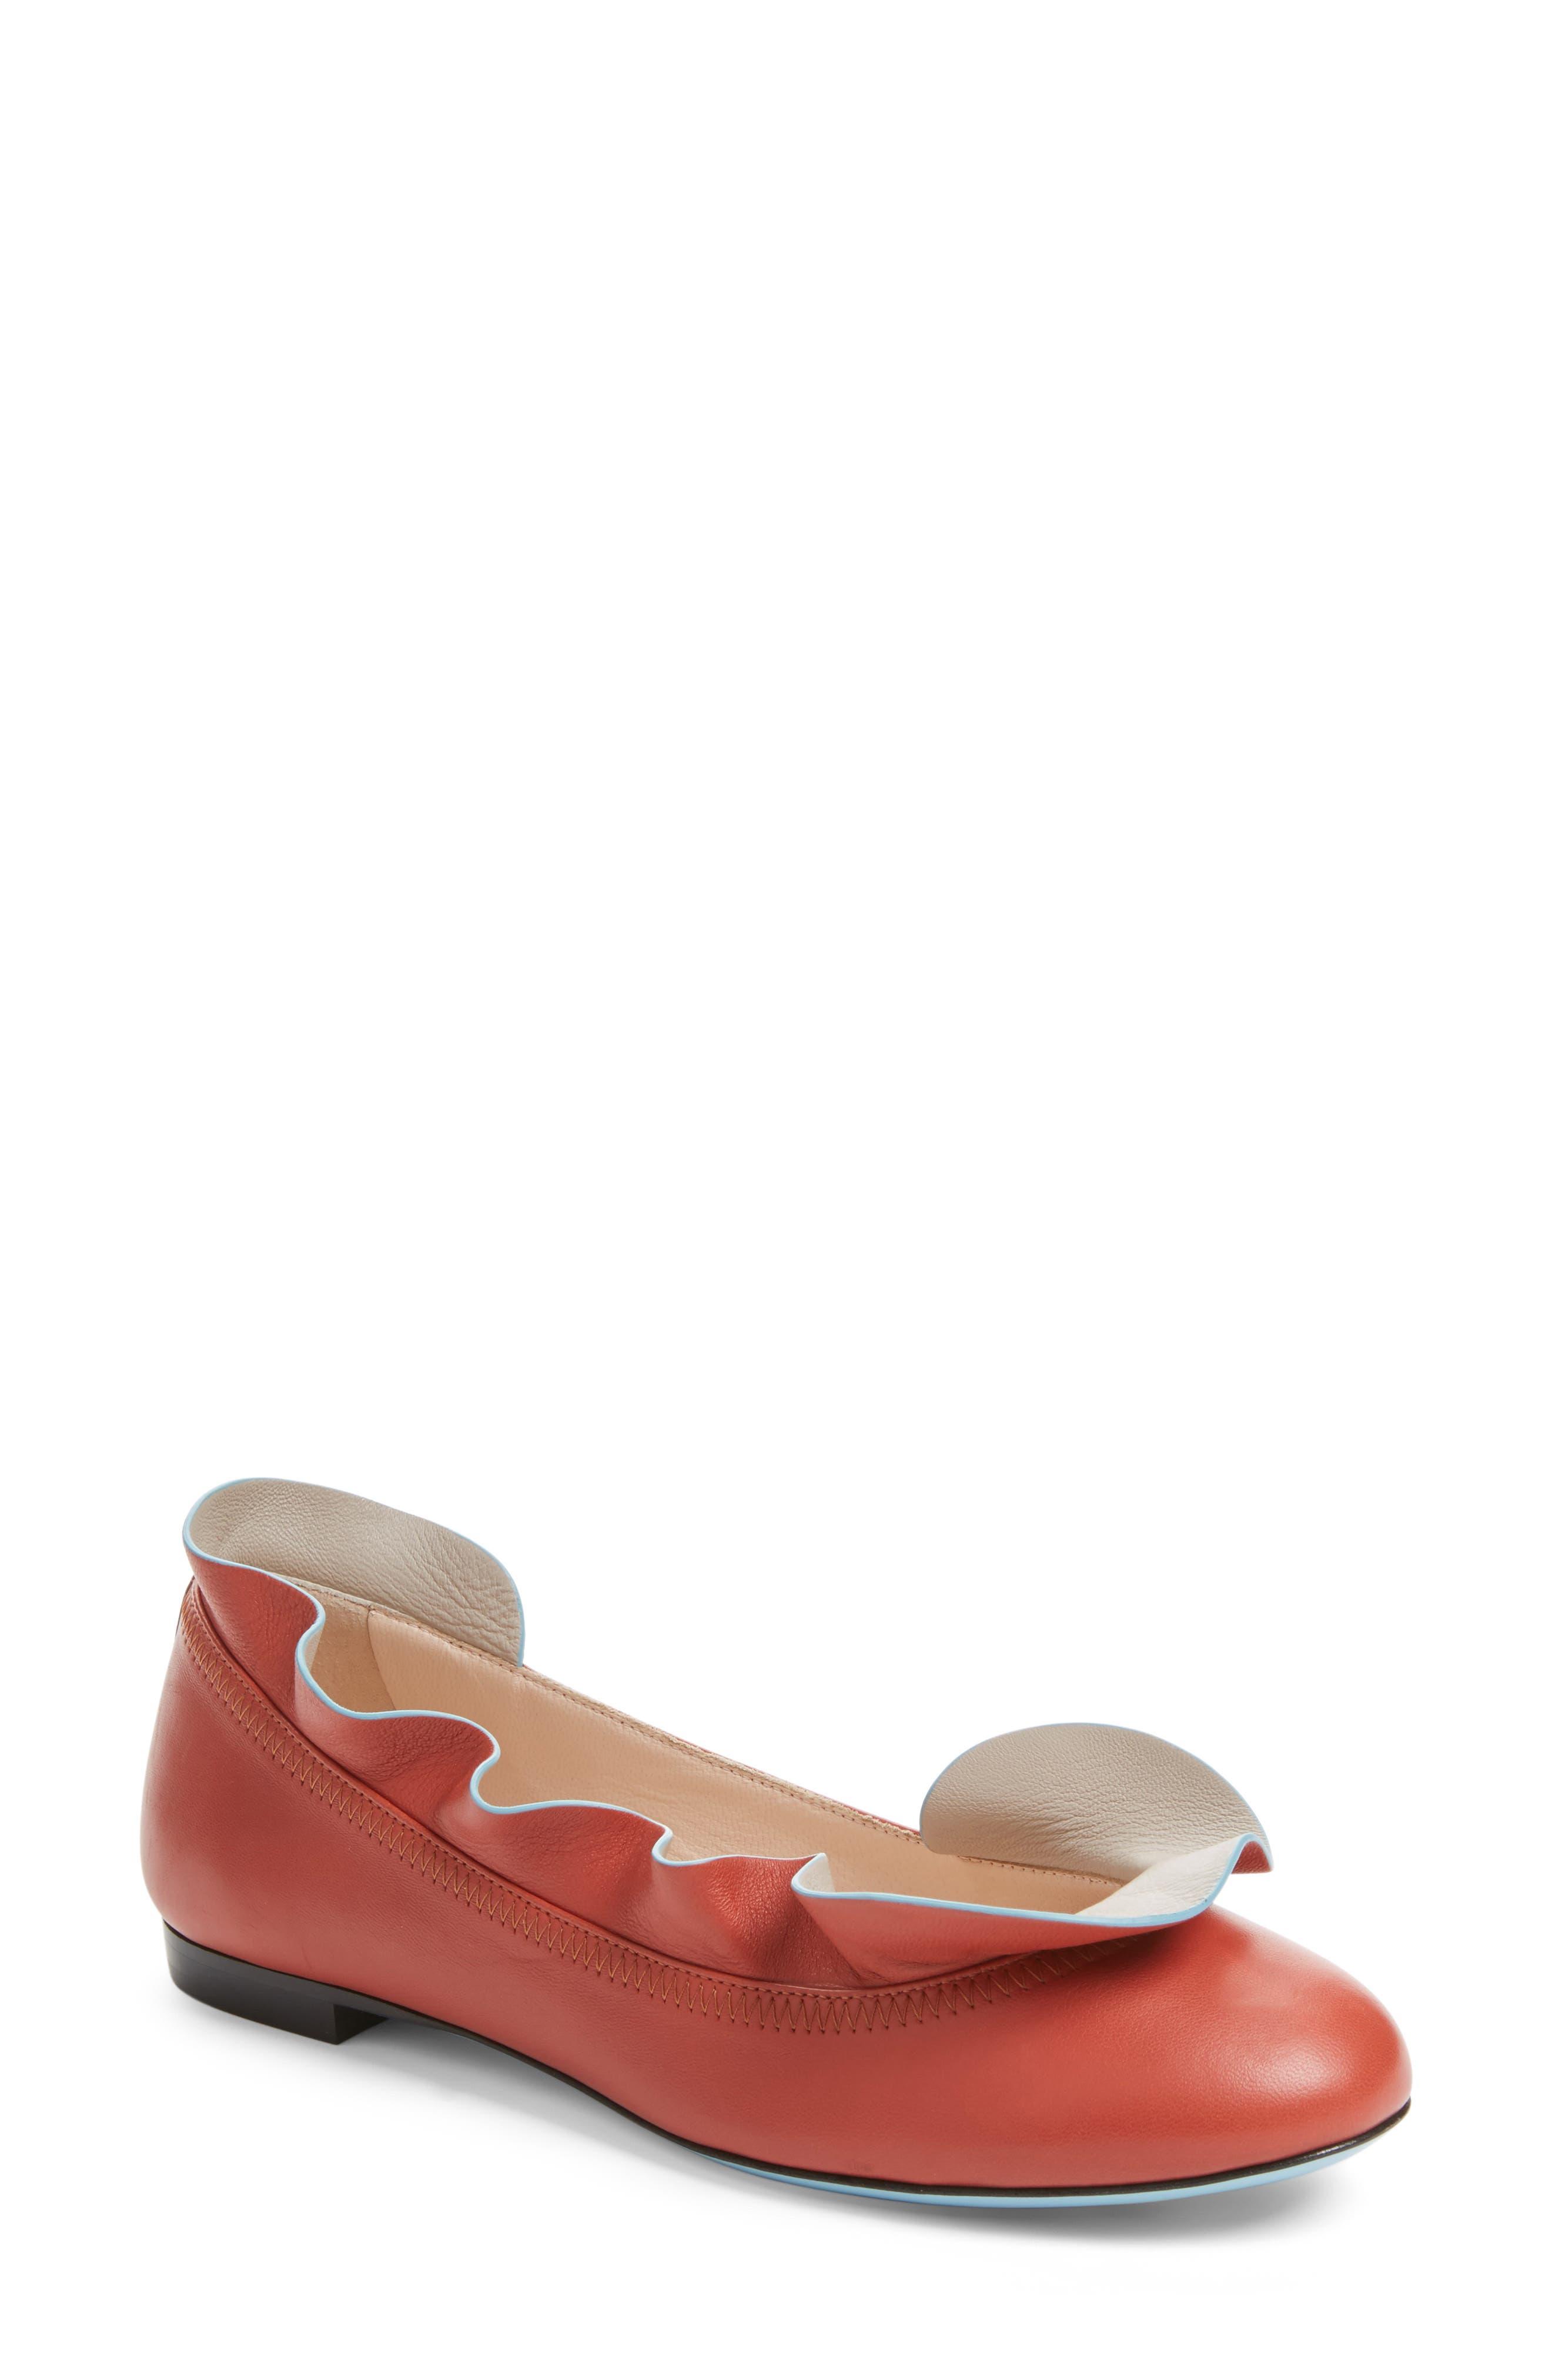 Fendi Ruffle Ballerina Flat (Women)